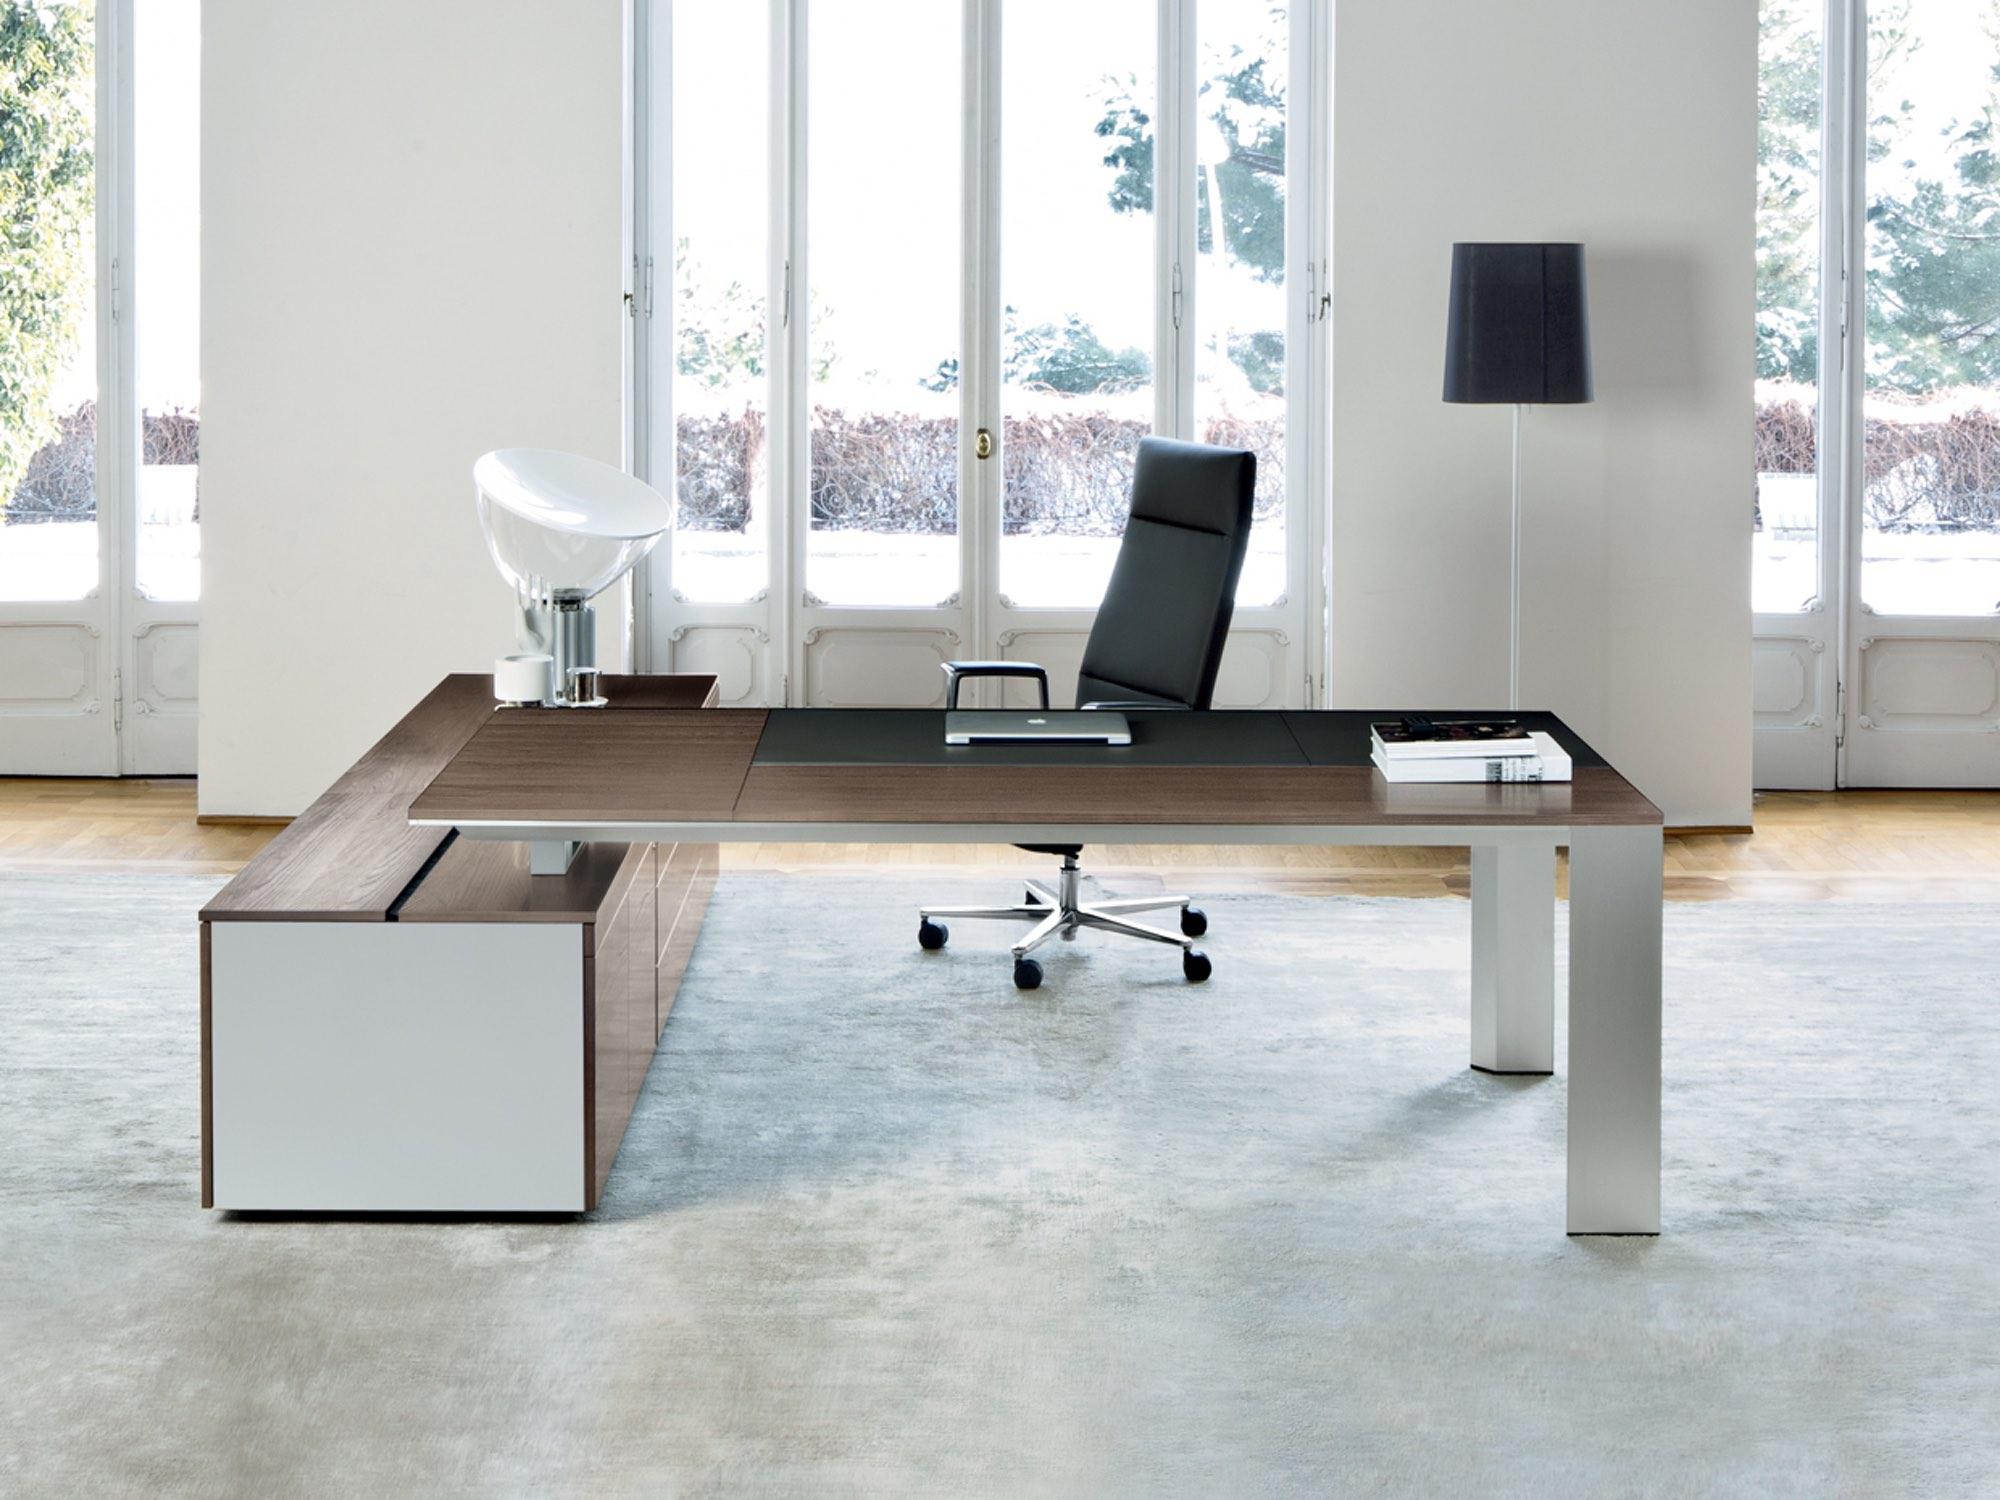 frezza ono schreibtisch mit sideboard lang eckschreibtische arbeitsplatz b rotische alle. Black Bedroom Furniture Sets. Home Design Ideas